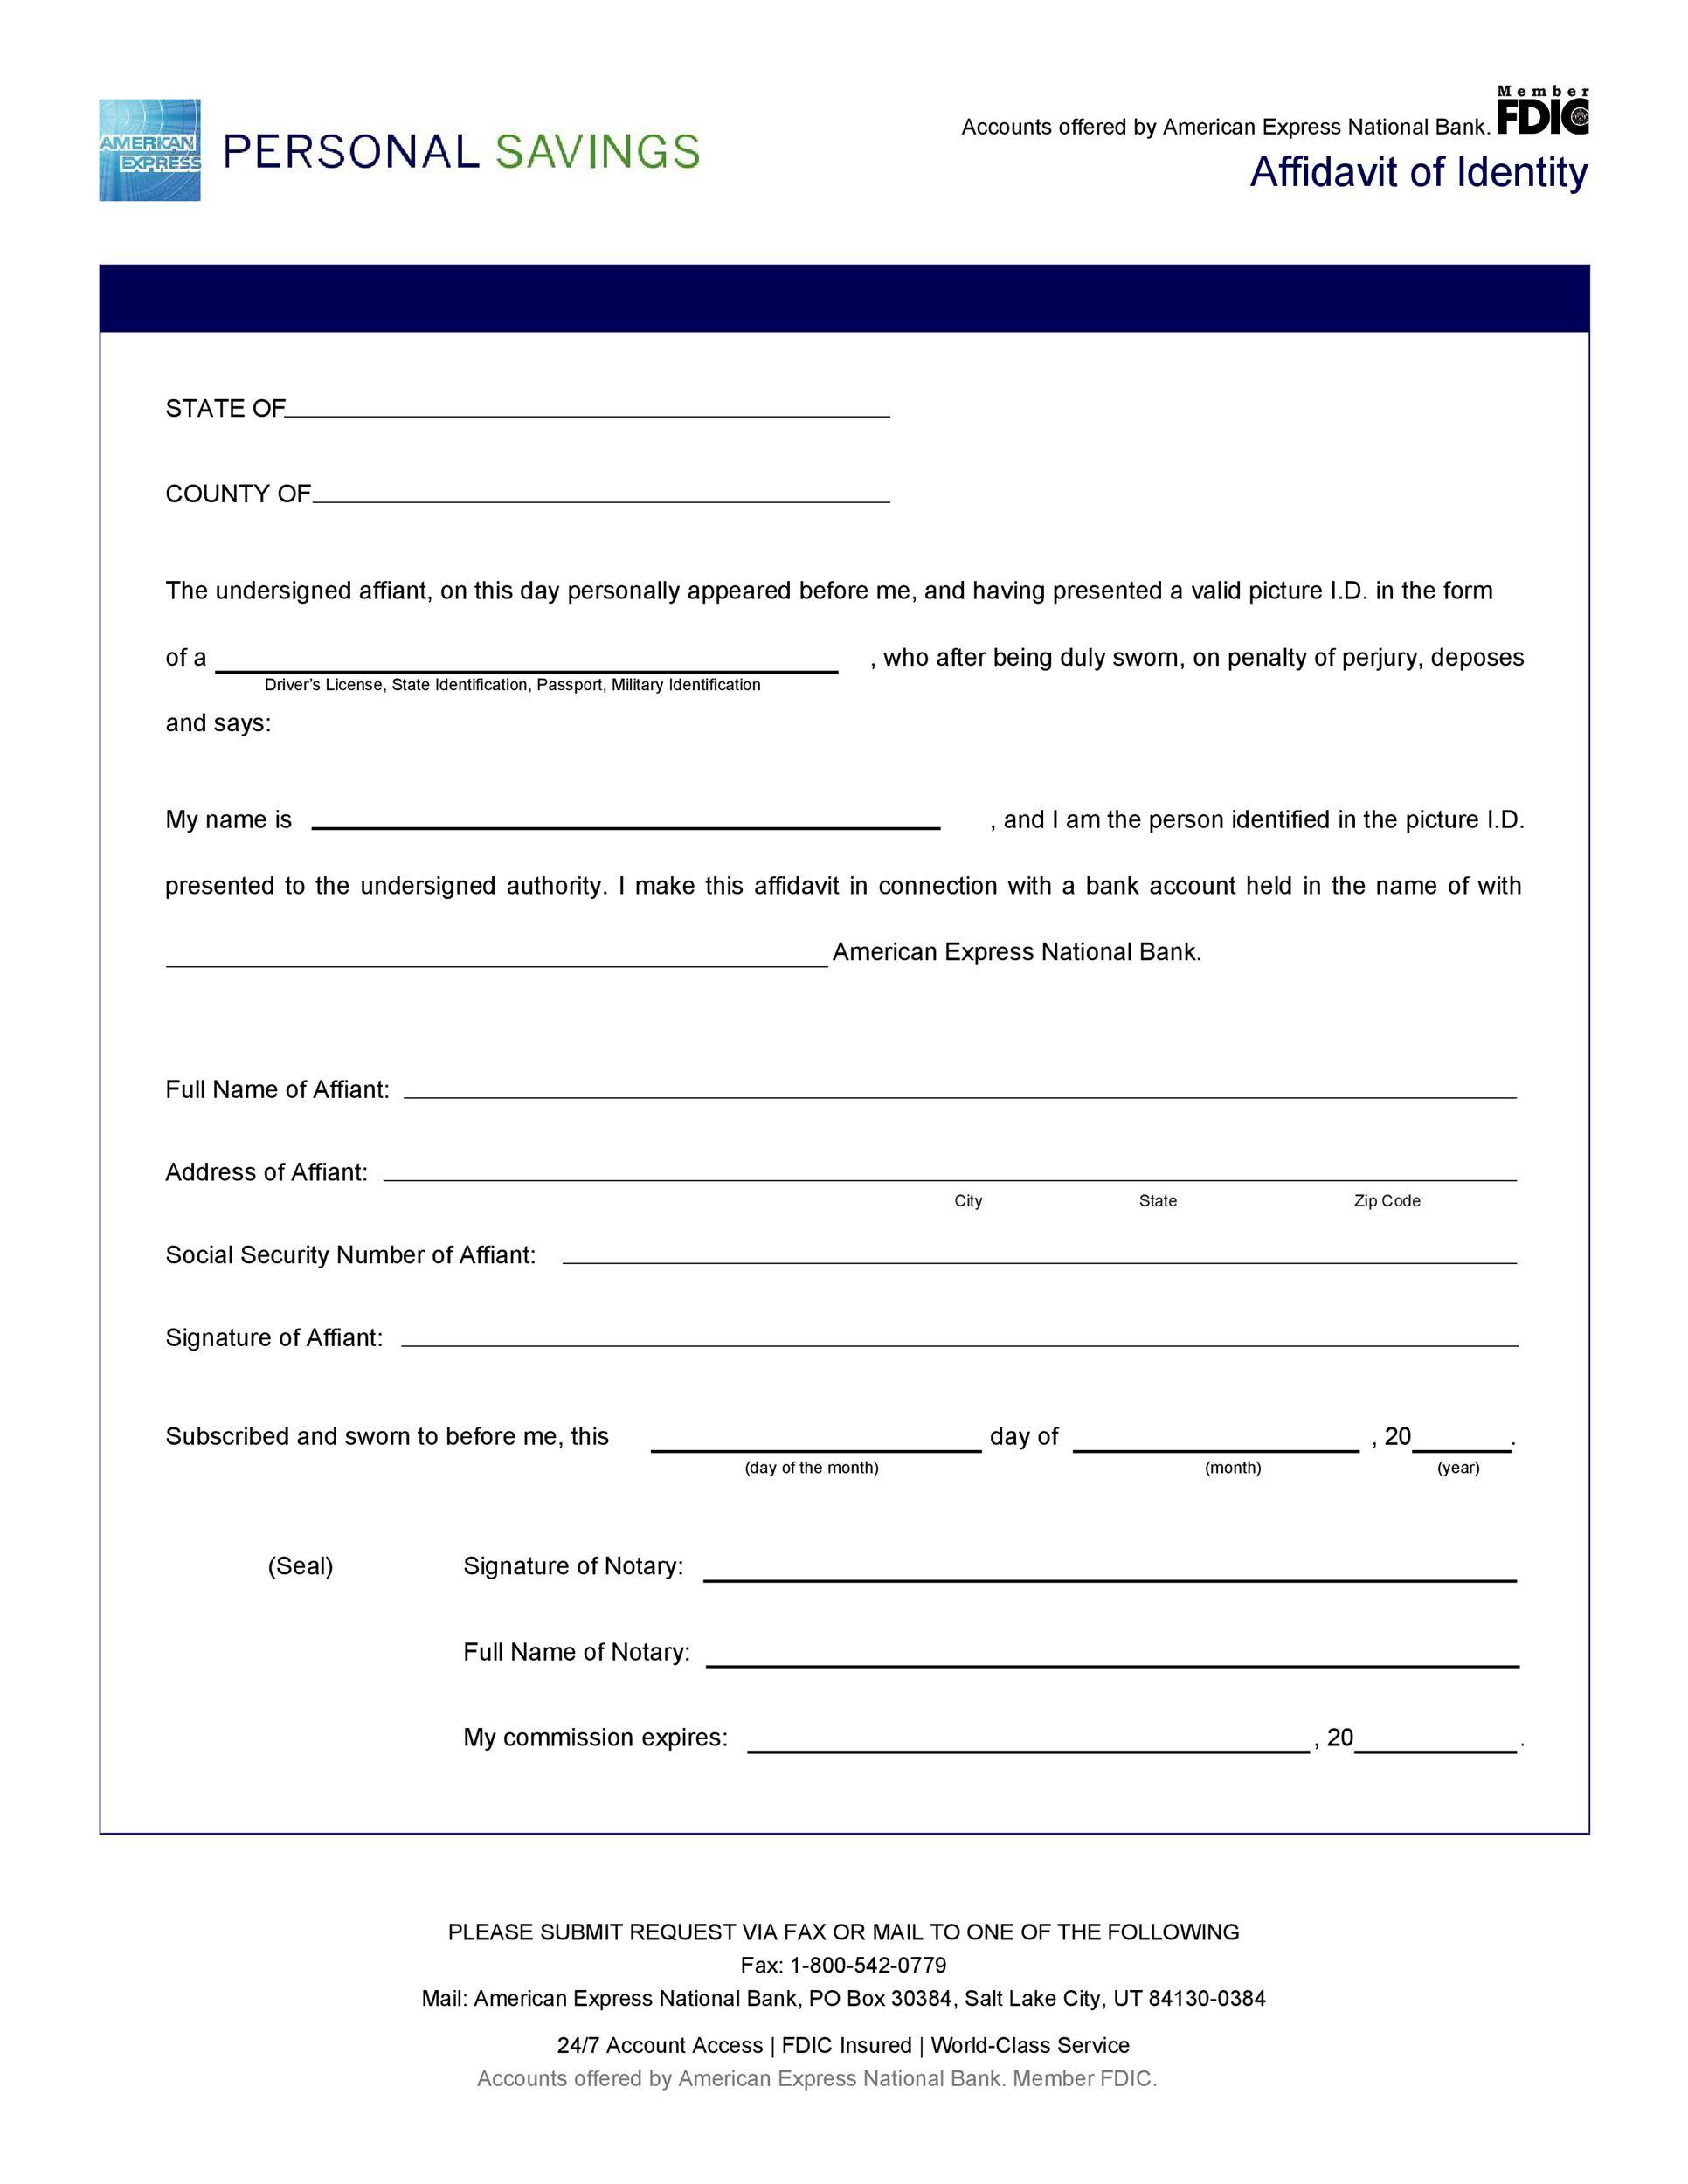 Free affidavit of identity 13